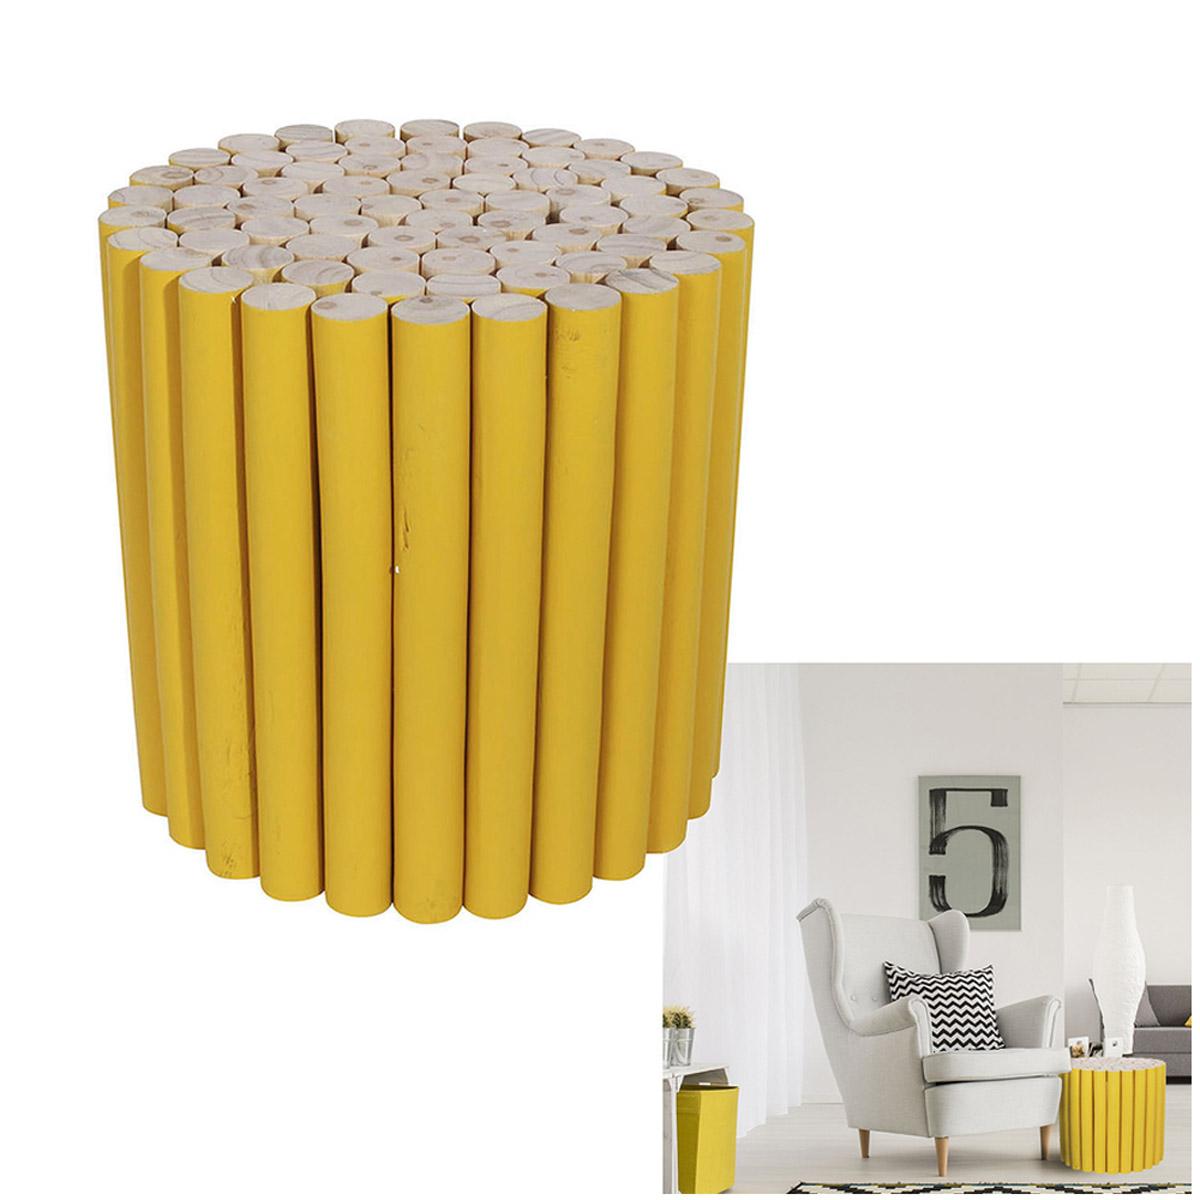 Tabouret bois \'Rondins de bois\' jaune beige - 30x30 cm  - [R2408]